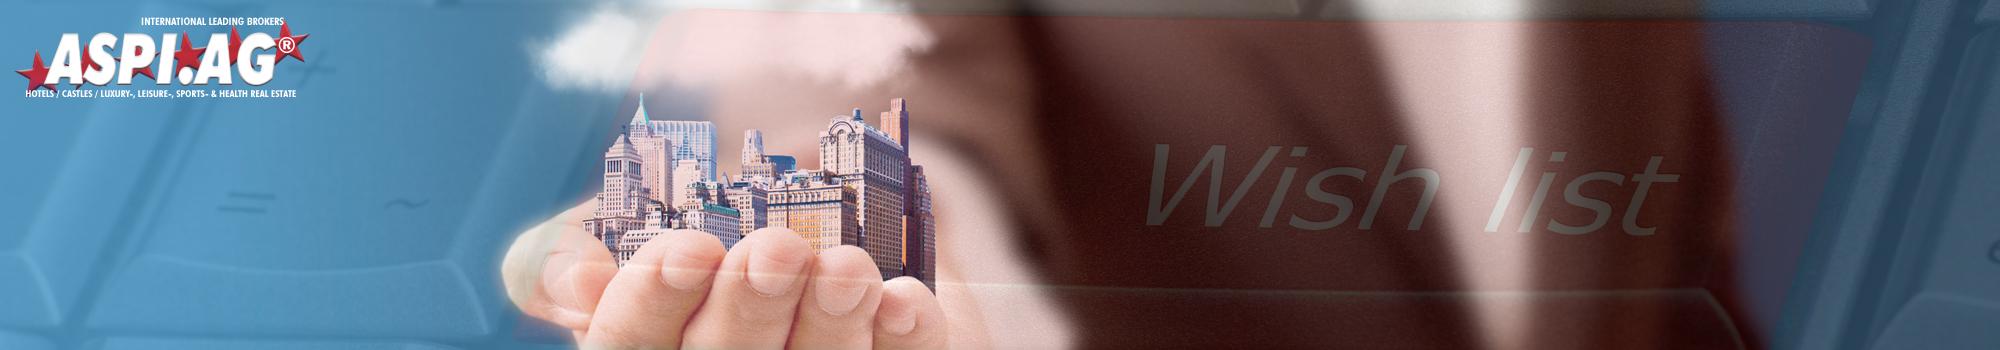 Gastro Immobilie kaufen pachten bei Hotelmakler ASPI AG